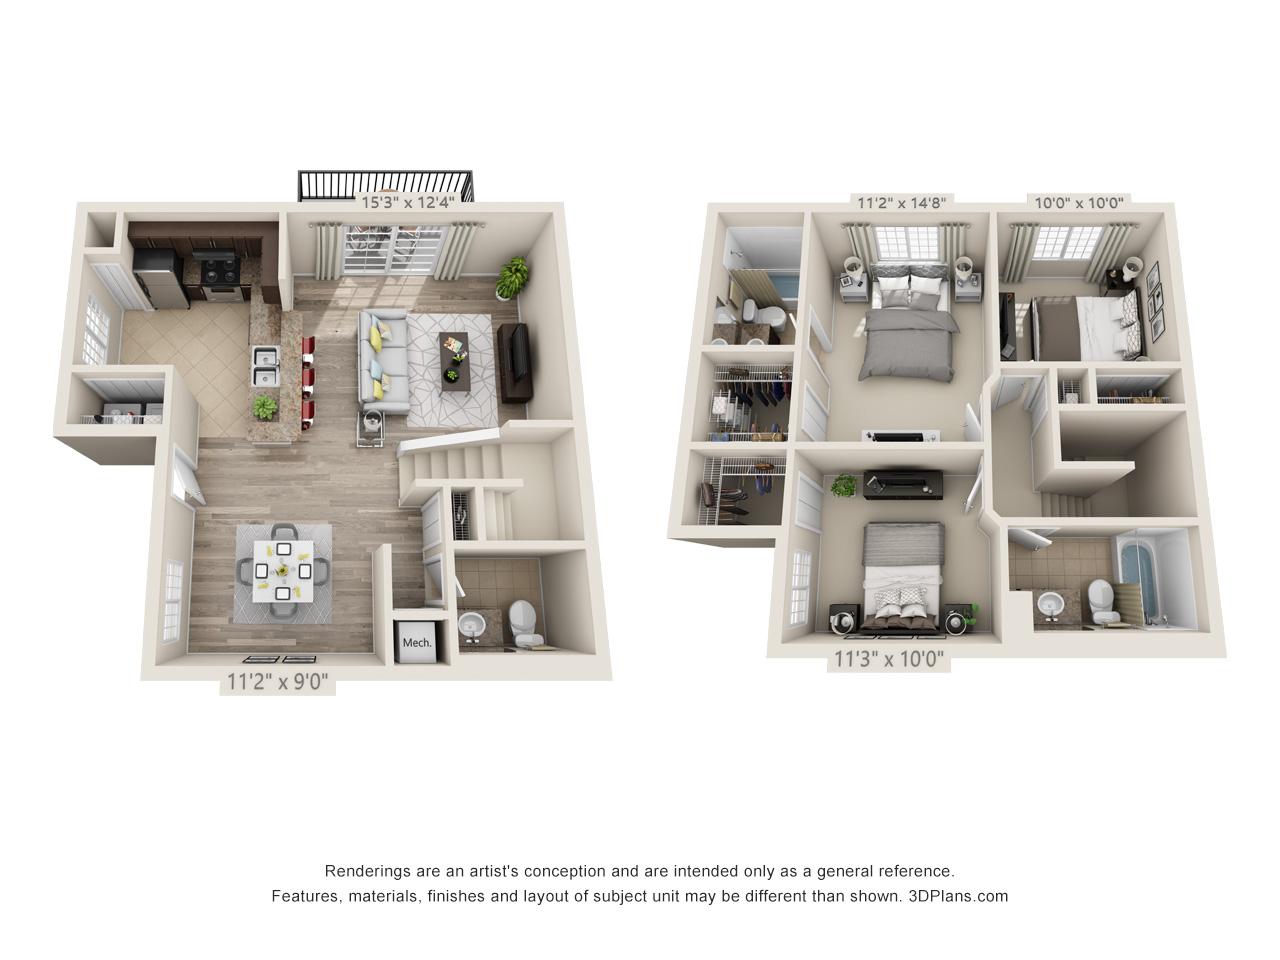 3 Bedrooms / 2.5 Bathrooms